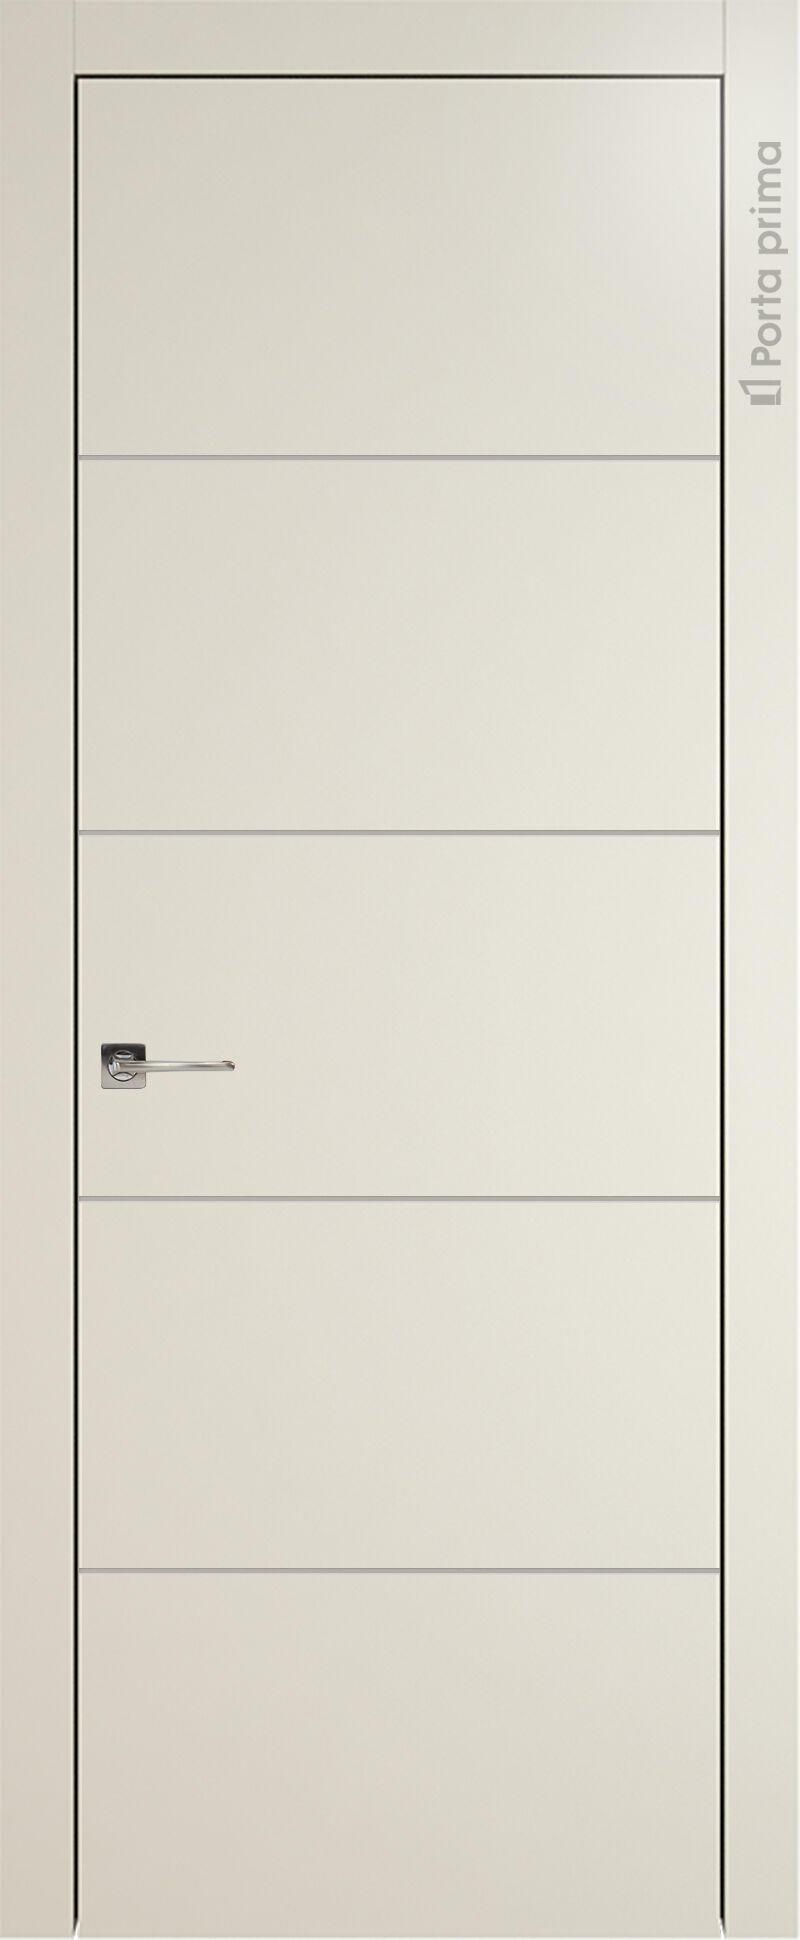 Tivoli Д-2 цвет - Жемчужная эмаль (RAL 1013) Без стекла (ДГ)